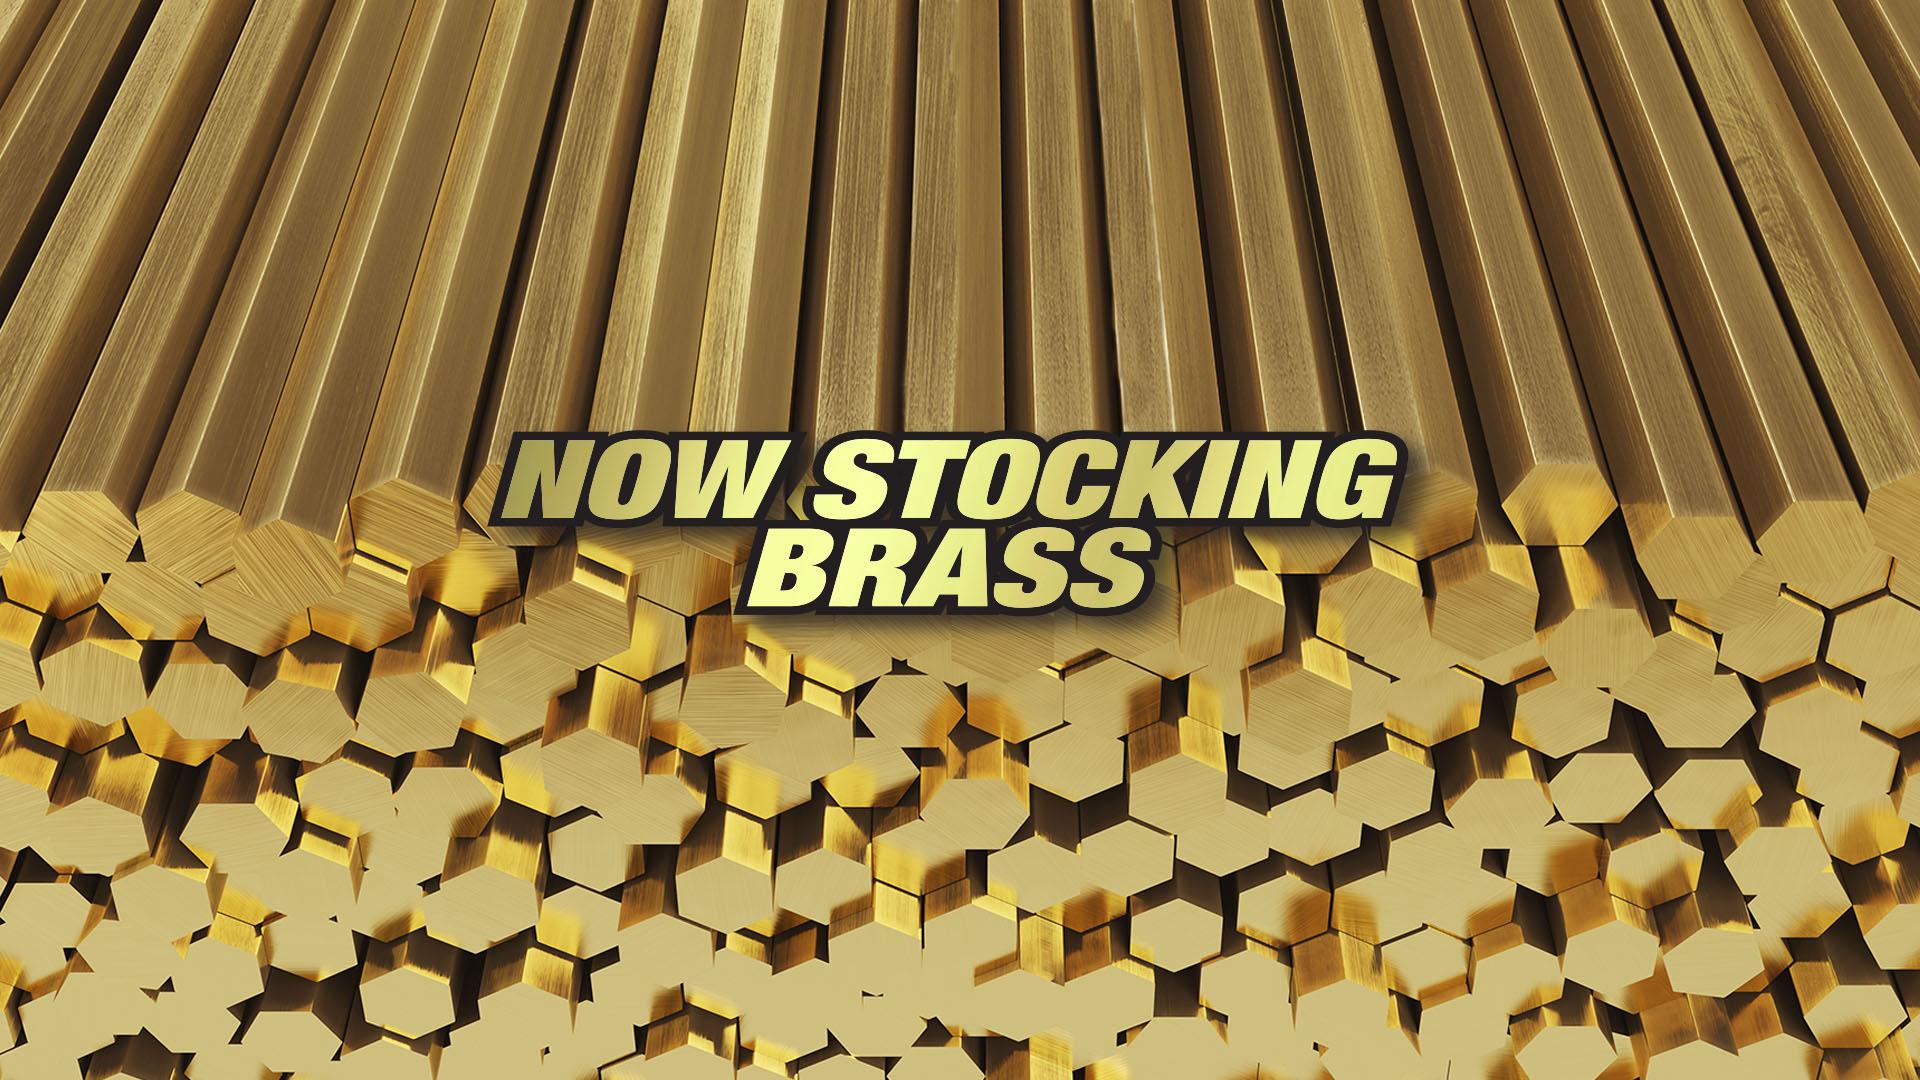 Now Stocking Brass